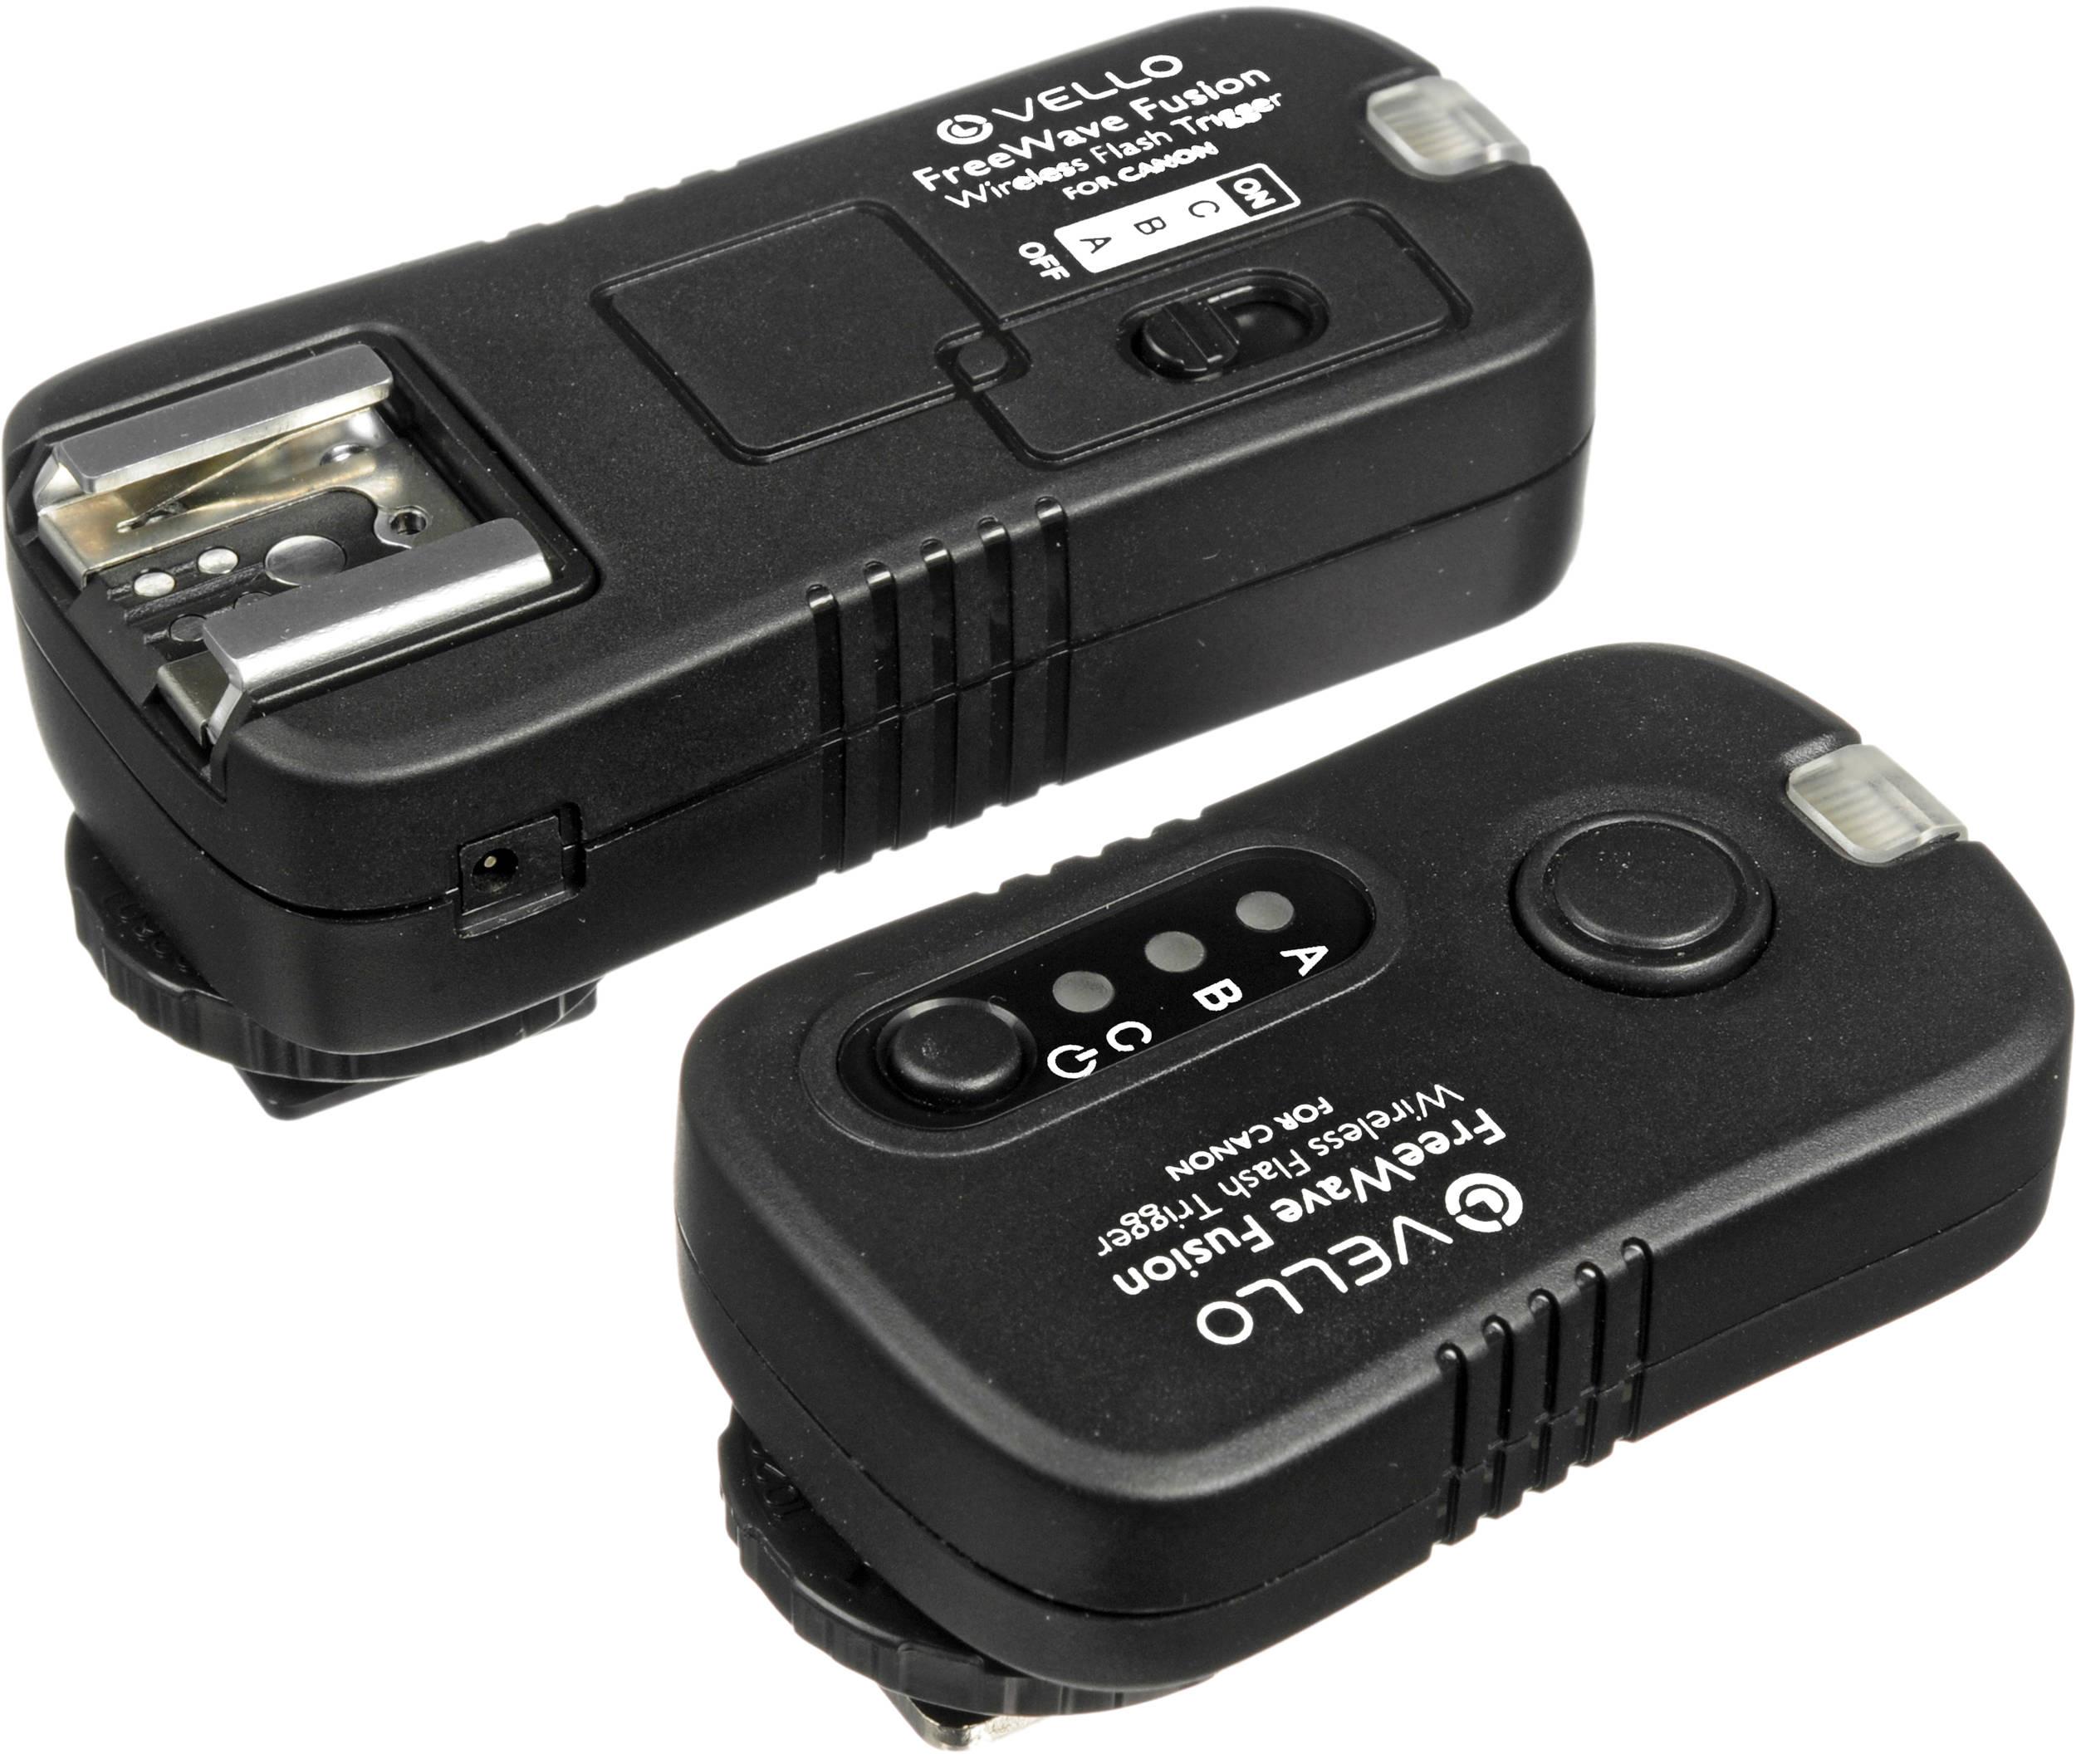 vello freewave fusion wireless flash trigger & remote control